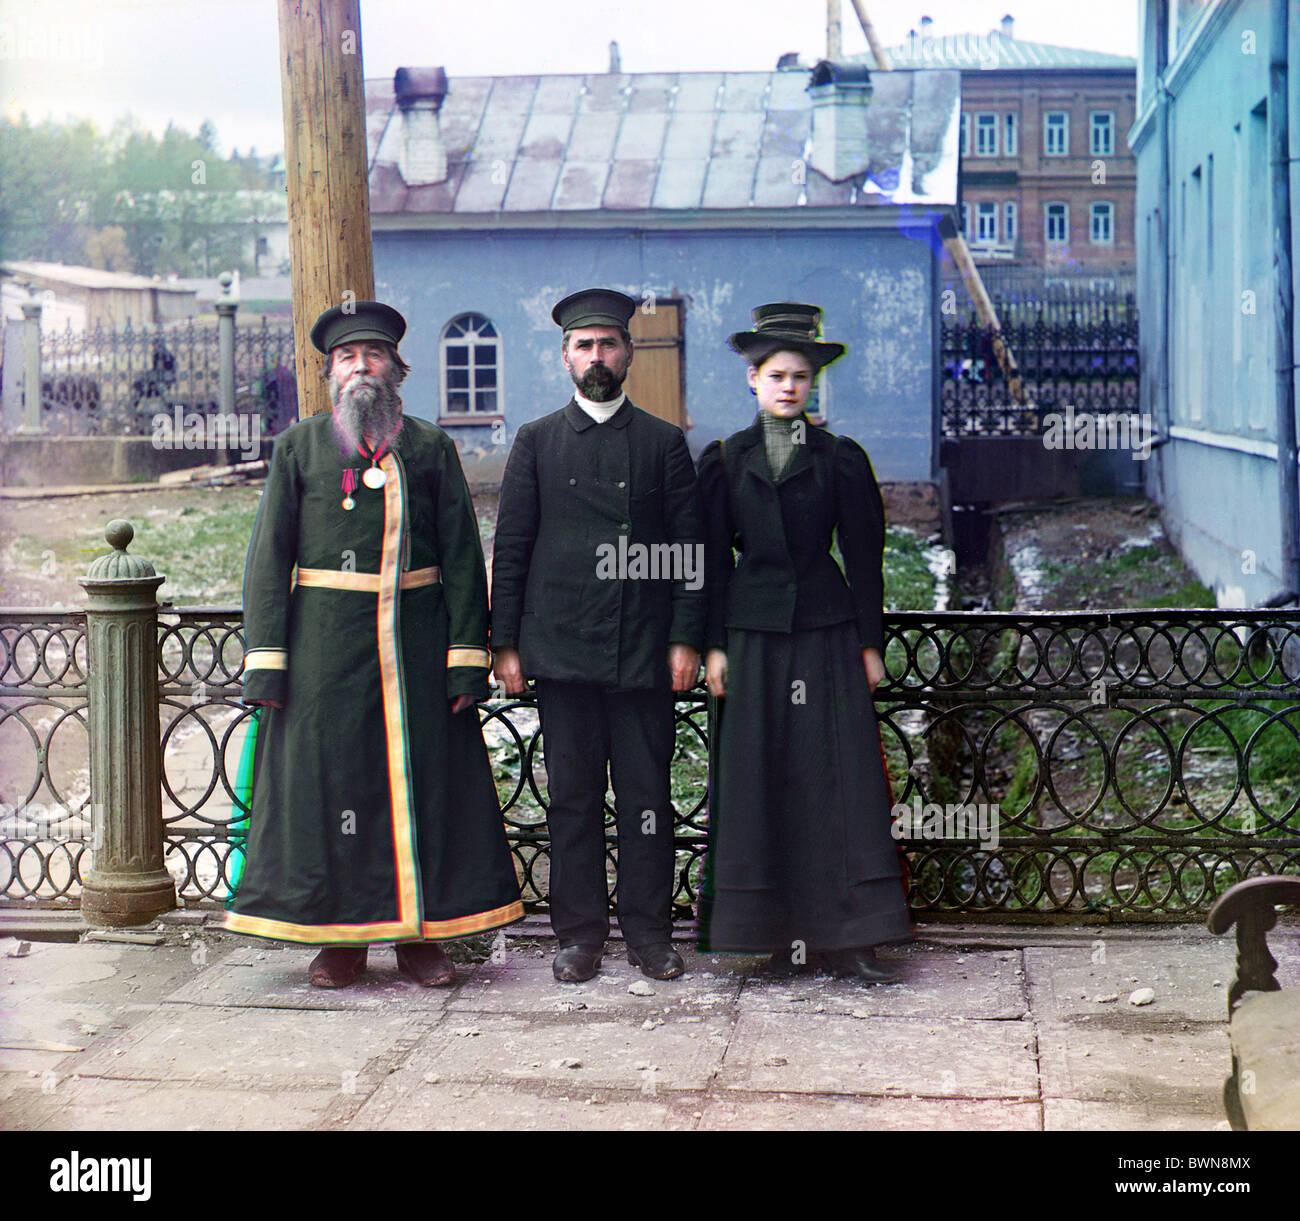 1910 Zlatoust bracci impianto impero russo la Russia Sergey Mikhaylovich Prokudin-Gorsky 1863- 1944 storia storica Immagini Stock